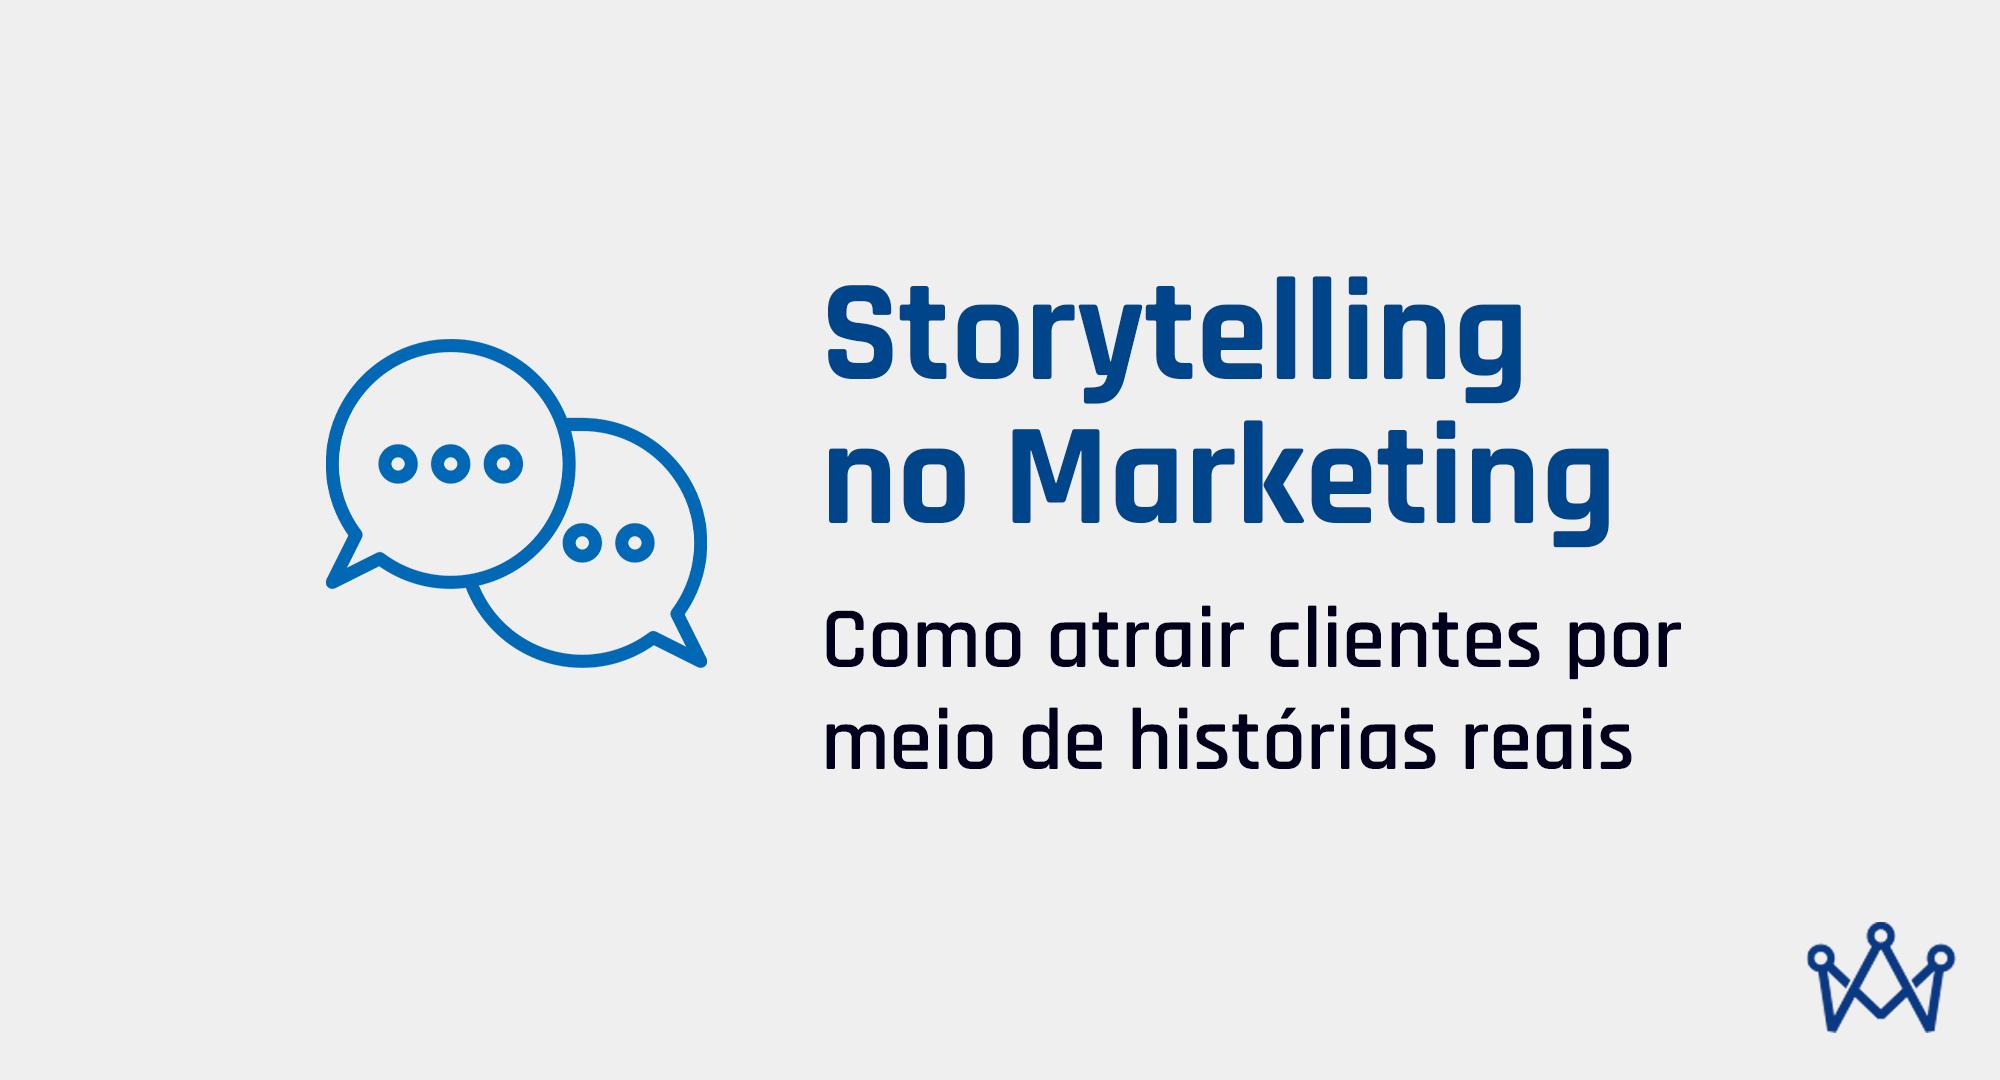 """Arte com fundo cinza. À esquerda, dois balões de diálogo. No canto direito, o logo da Kyraly. No centro da arte, o título """"Storytelling no Marketing: Como atrair clientes por meio de histórias reais""""."""